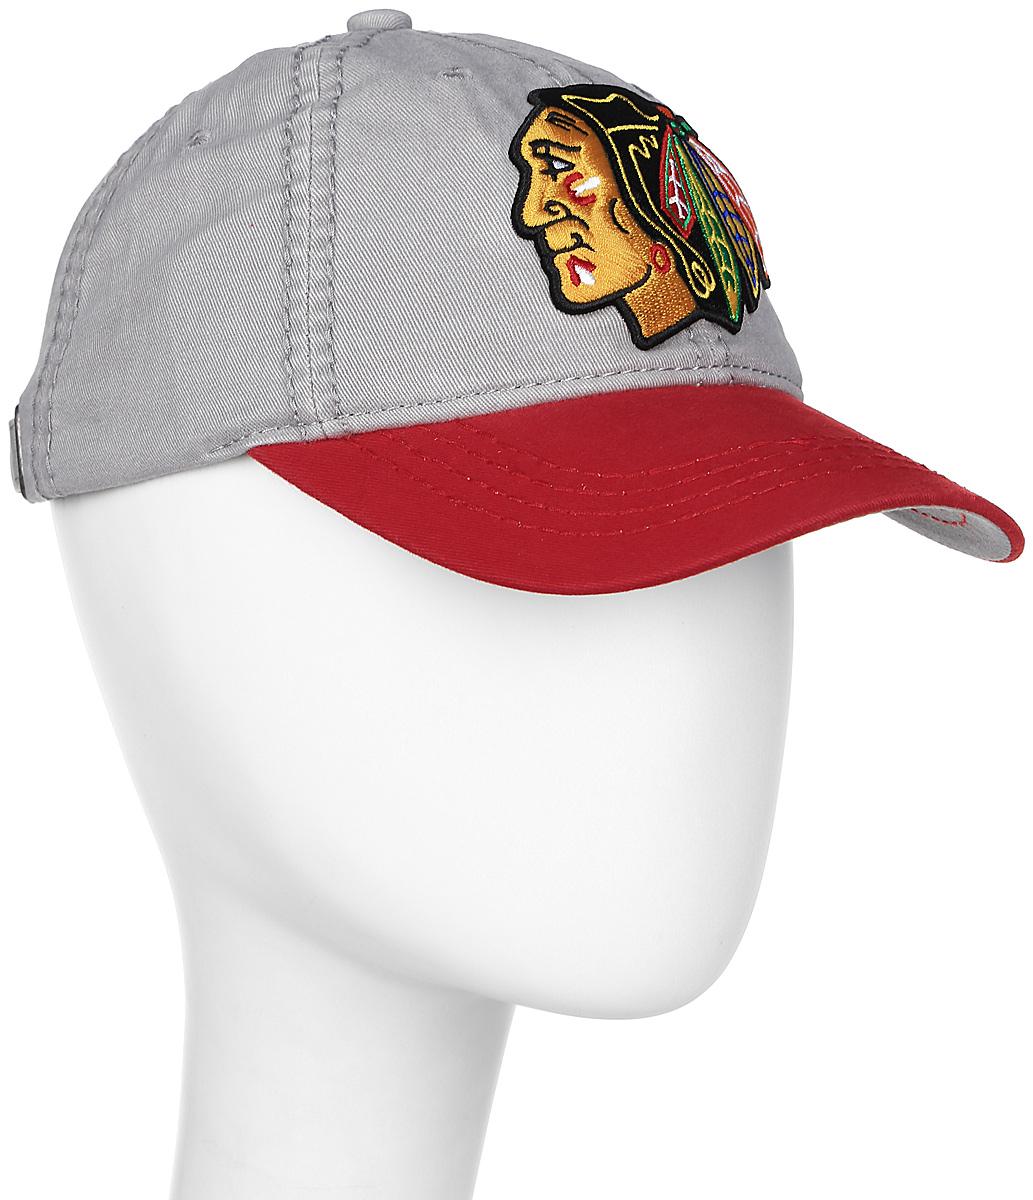 Бейсболка NHL Chicago Blackhawks, цвет: серый, красный. 2906. Размер L/XL (55-58)2906Практичная и удобная бейсболка NHL, выполненная из высококачественного хлопка, идеально подойдет для активного отдыха и обеспечит надежную защиту головы от солнца. Бейсболка дополнена широким твердым козырьком и оформлена вышивкой в виде эмблемы профессионального хоккейного клуба Chicago Blackhawks. Кепка имеет перфорацию, обеспечивающую необходимую вентиляцию. Изделие снабжено металлическим фиксатором с гравировкой логотипа. Такая бейсболка станет отличным аксессуаром для занятий спортом или дополнит ваш повседневный образ.